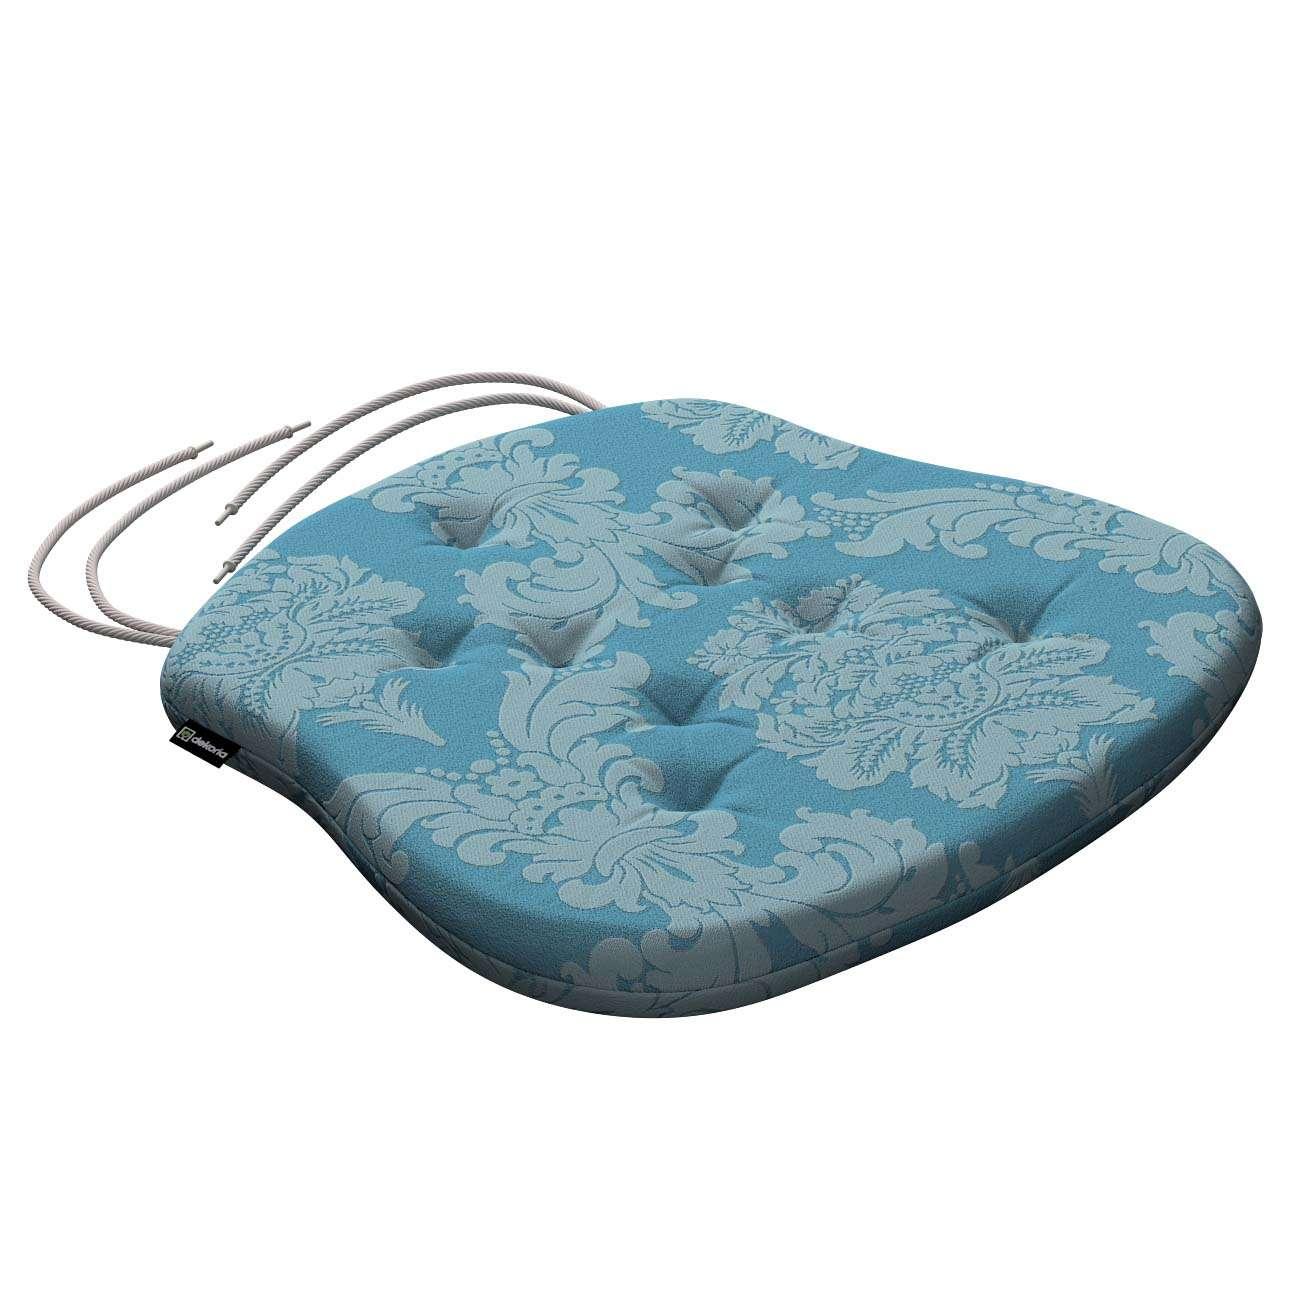 Siedzisko Filip na krzesło 41x38x3,5 cm w kolekcji Damasco, tkanina: 613-67